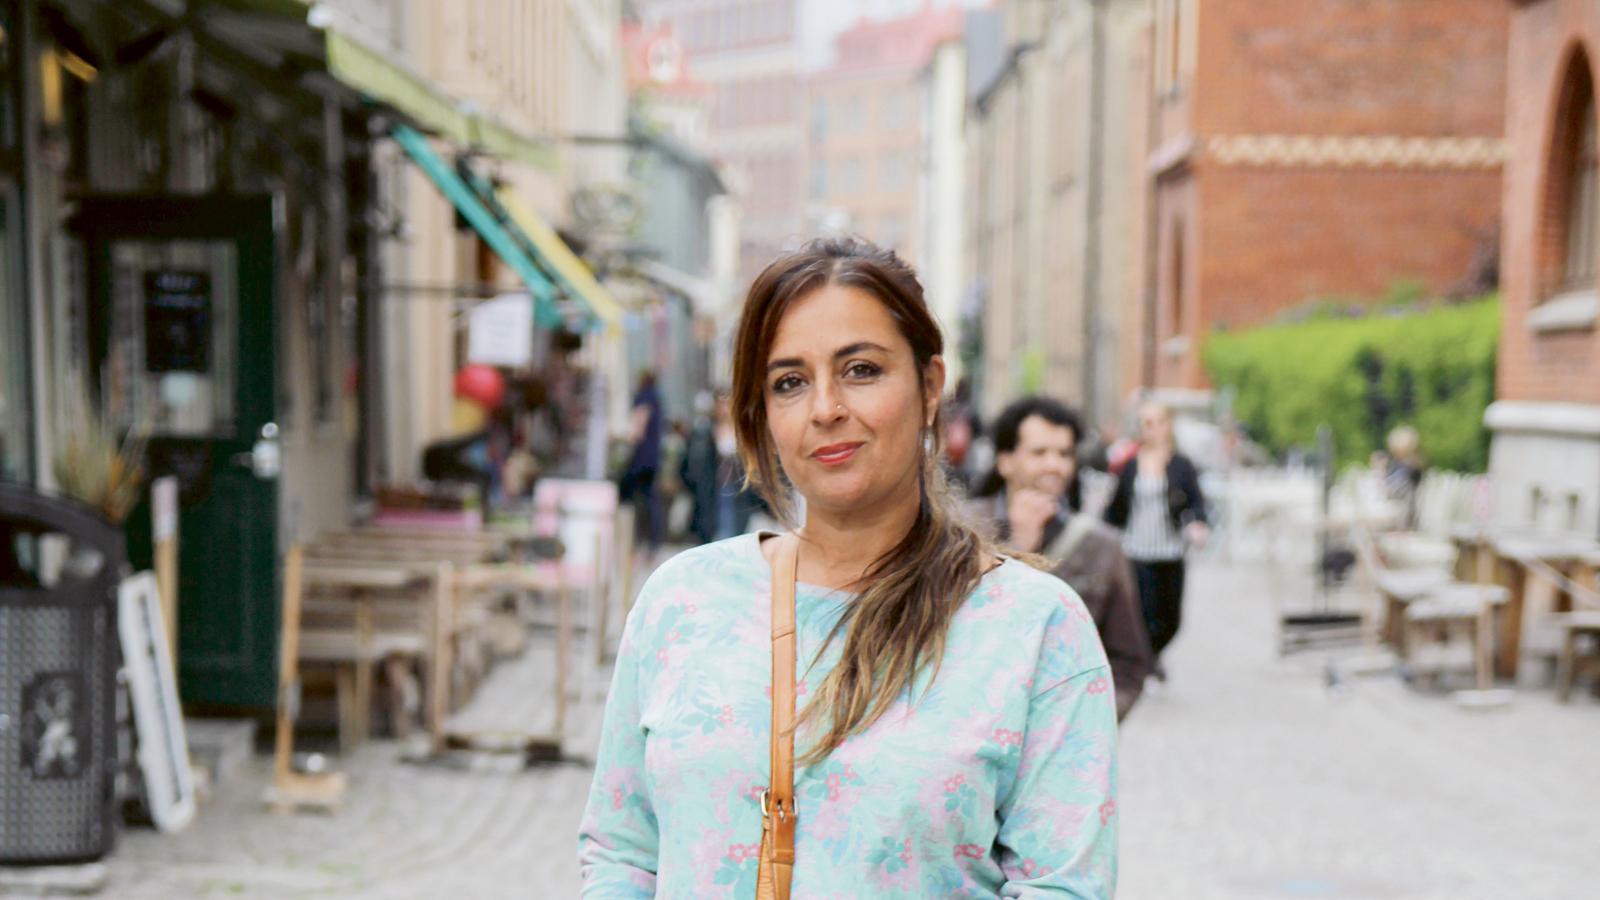 ny kvinnor vaginal nära Göteborg